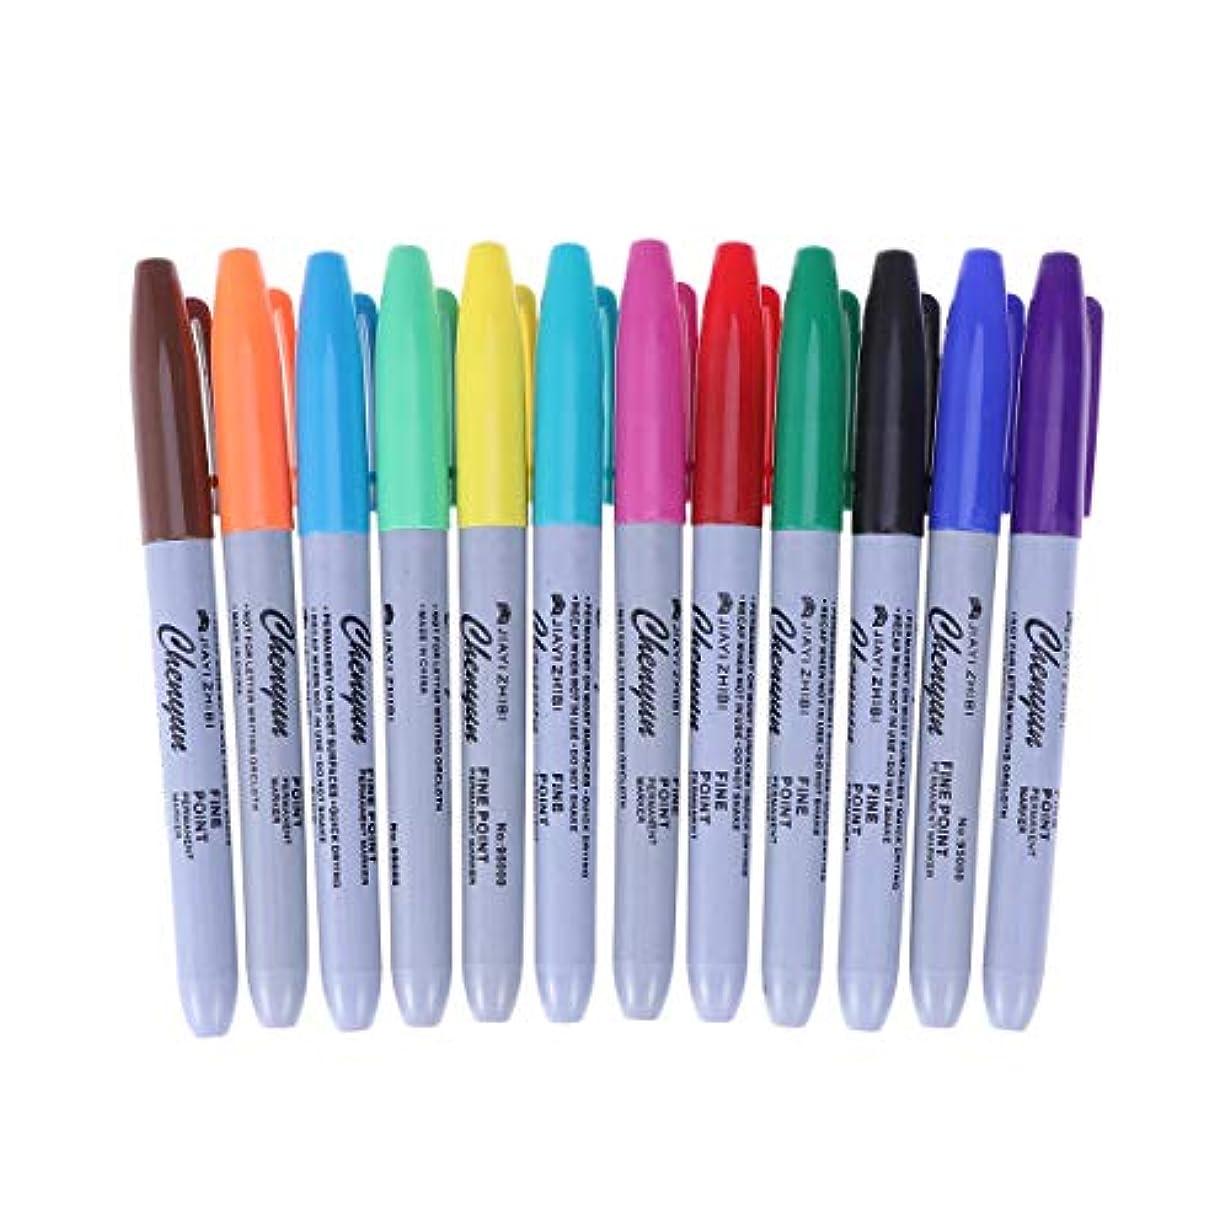 うなる激怒方言Healifty タトゥーペン防水高品質マーカーペン12色スキンマーカーペンスクライブツールタトゥー用品24ピース